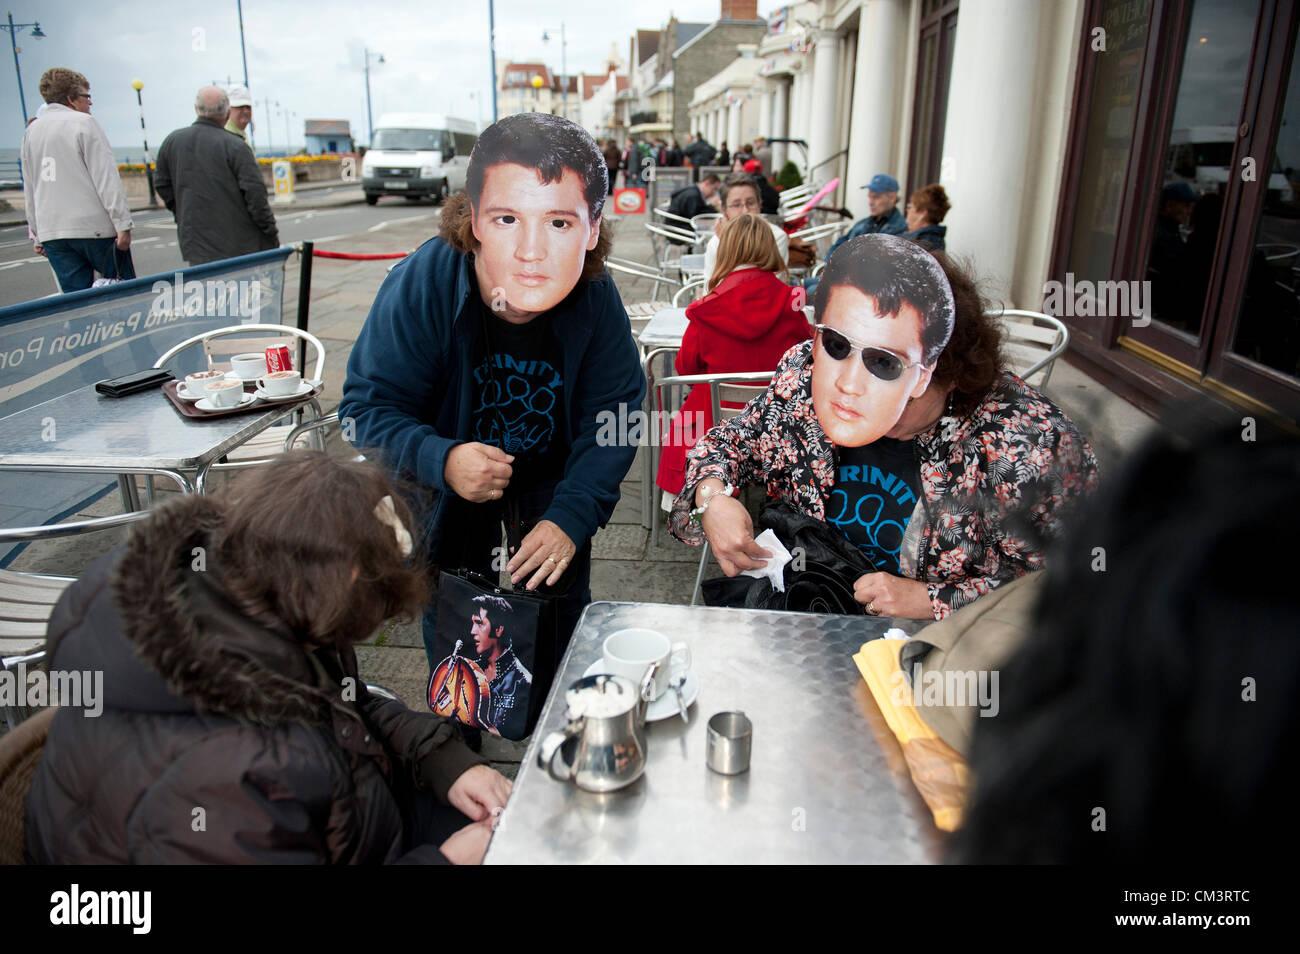 28 septembre 2012. Porthcawl, UK. Des milliers de fans d'Elvis et assimilés habillé en glitter jumpsuits, Photo Stock